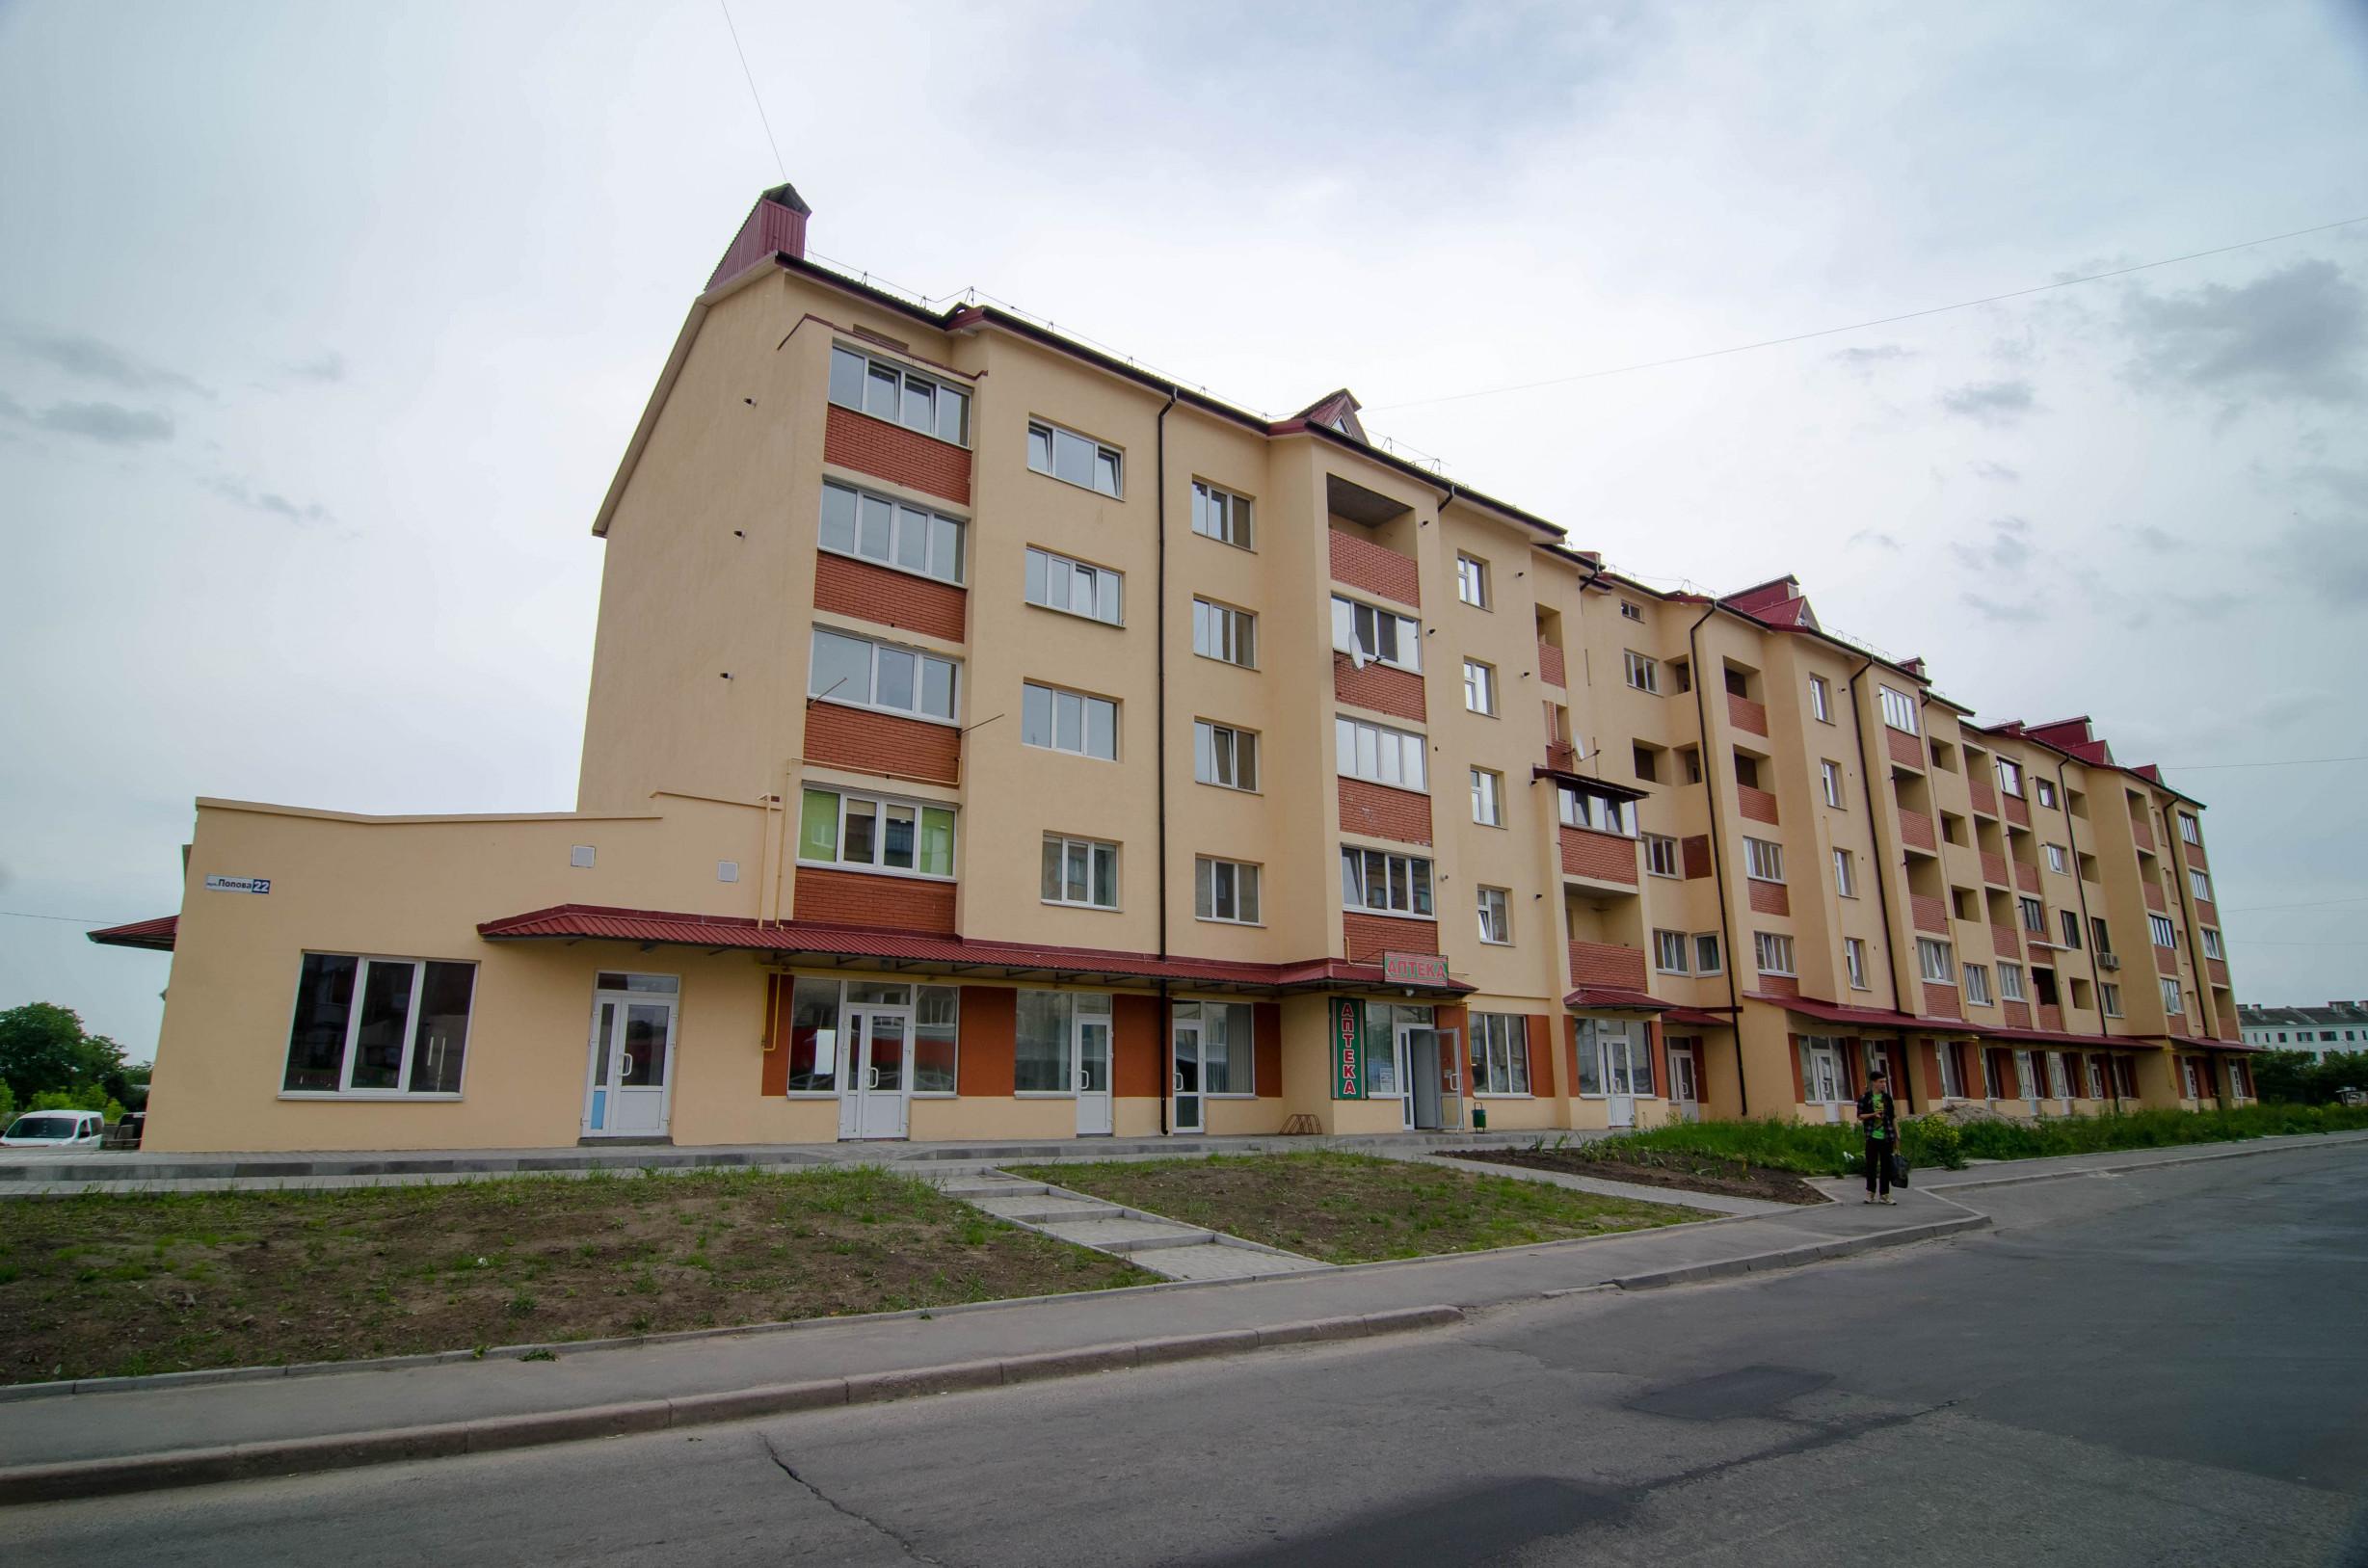 Група 5-поверхових, багатоквартирних житлових будинків